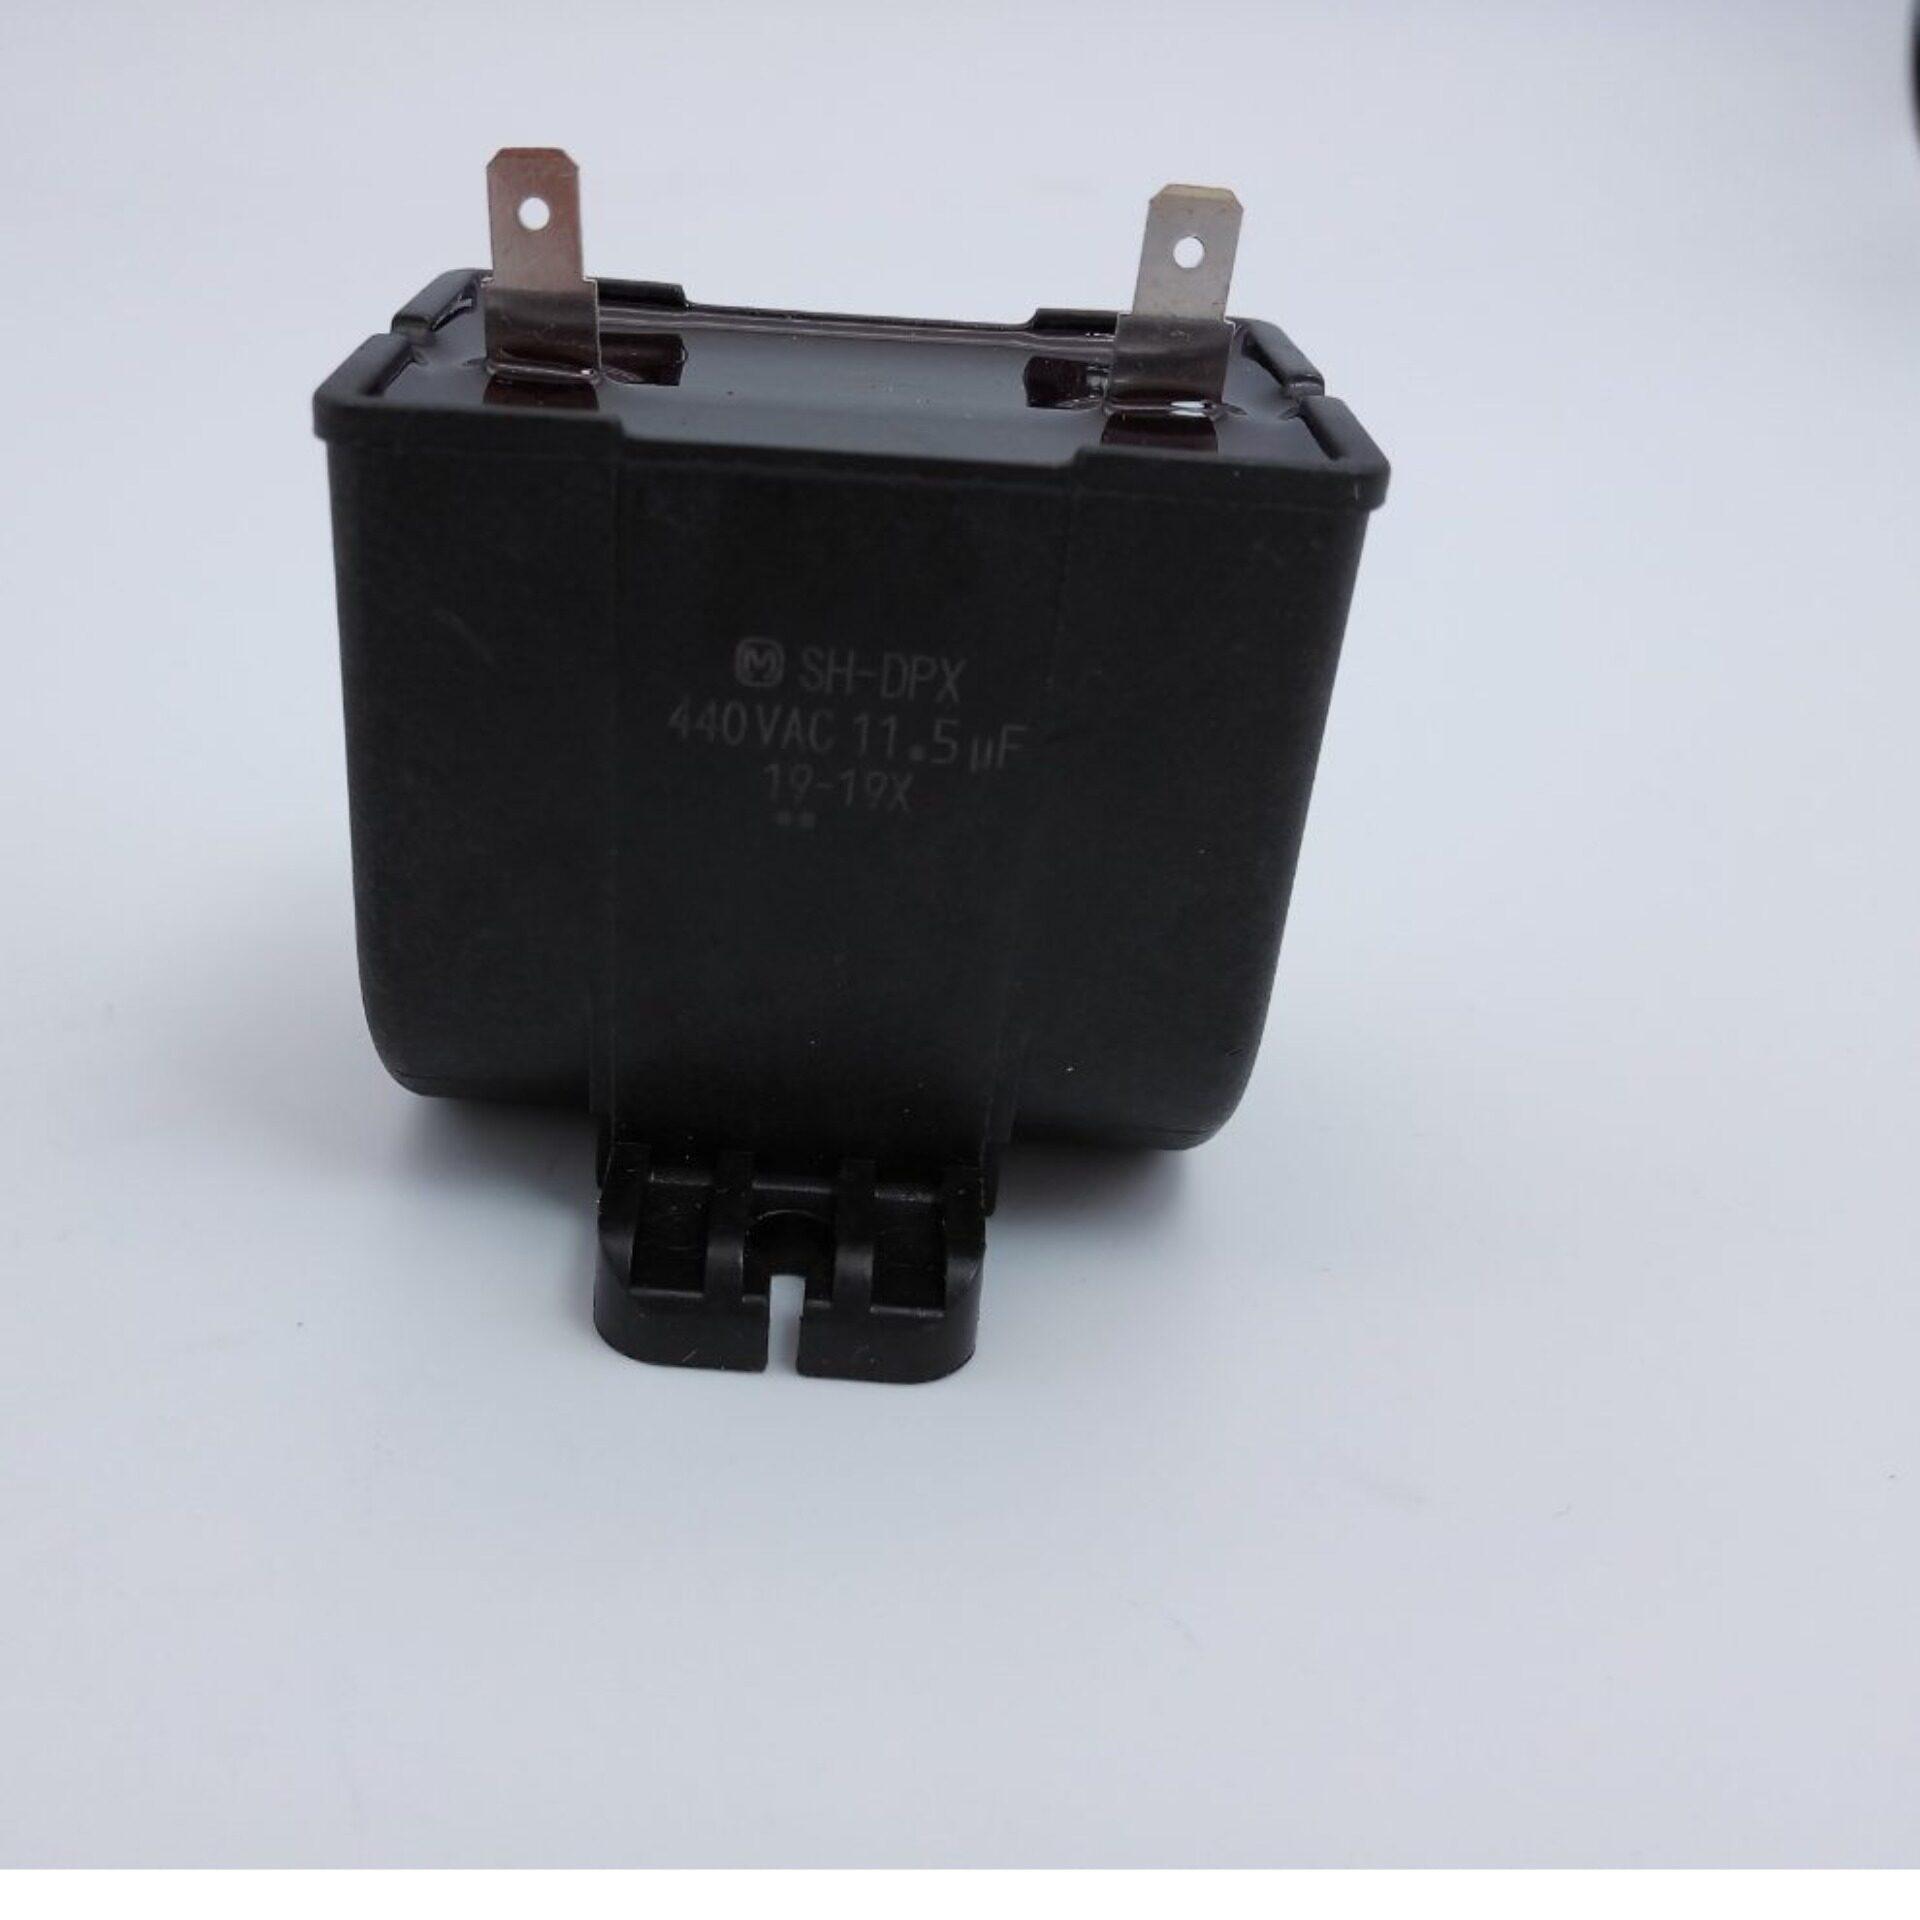 คาปาซิเตอร์ ปั้มน้ำฮิตาชิ 11.5uF 440V. CAPACITOR